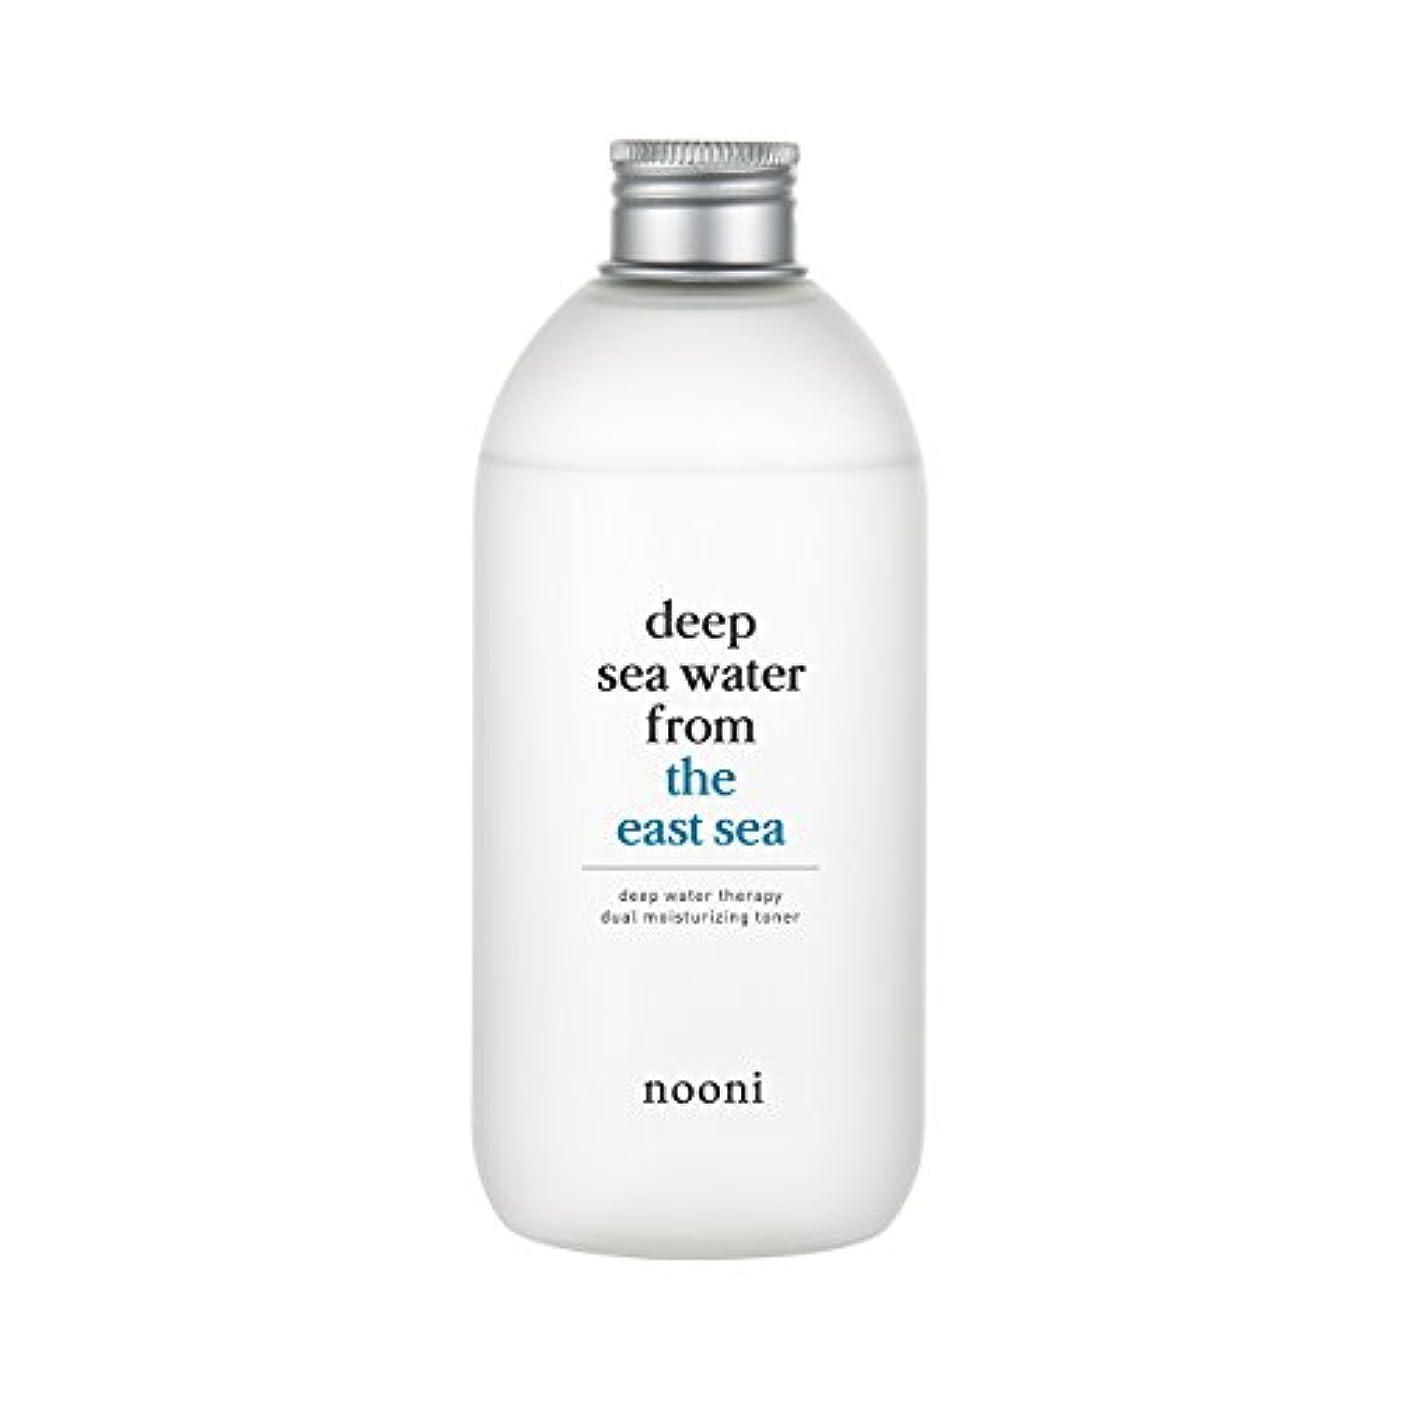 リー合併症シャープNOONI ディープウォーターセラピー二重の保湿化粧水310Ml #全てのスキンタイプに